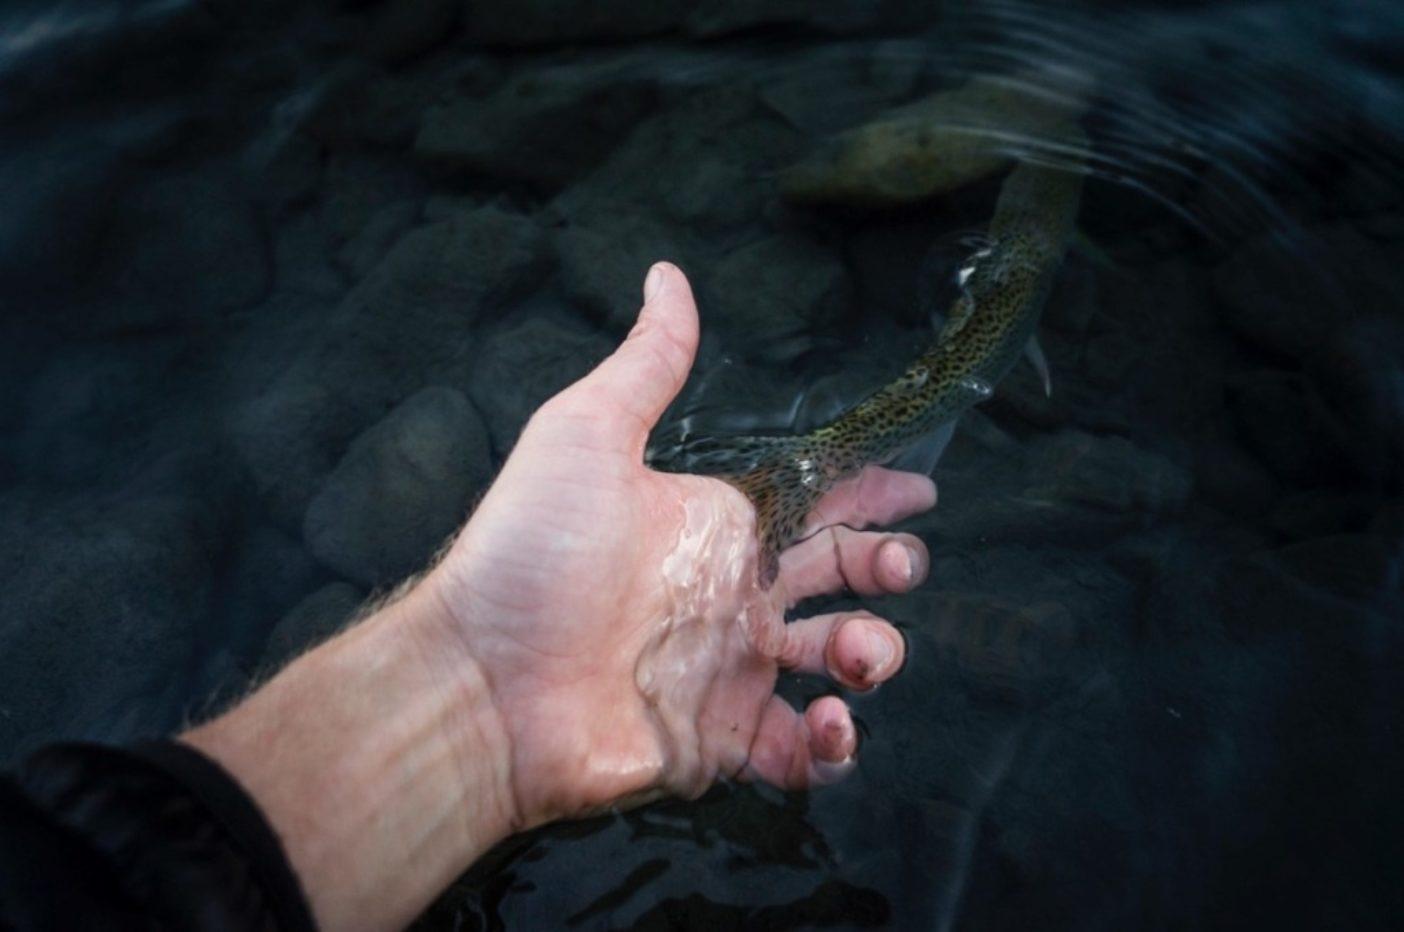 エルワ・リバーから(つかの間の休止のあと)太平洋へ下る若魚。Photo: Mark McInnis